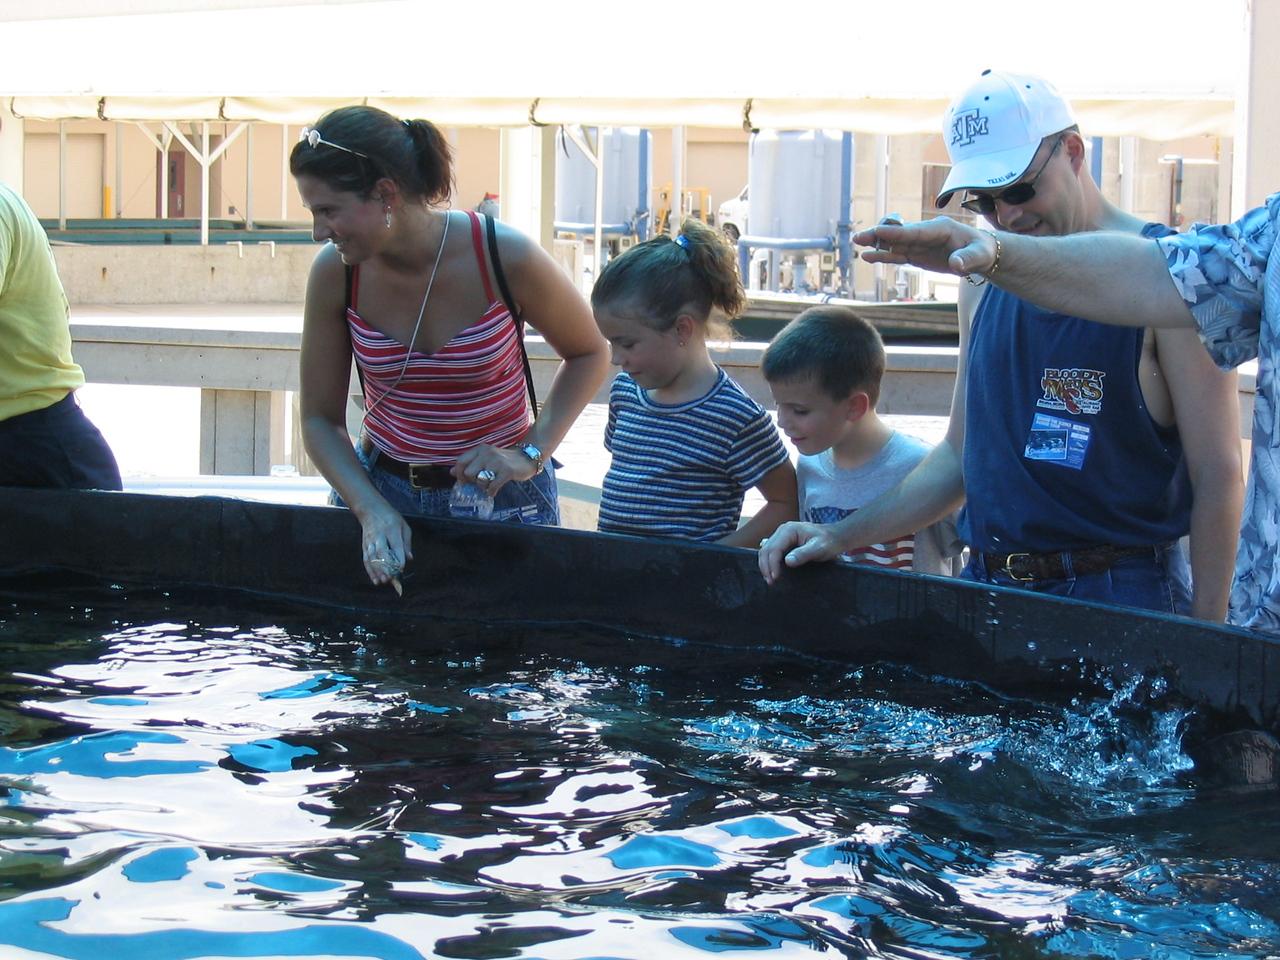 At Sea World, feeding the rays.